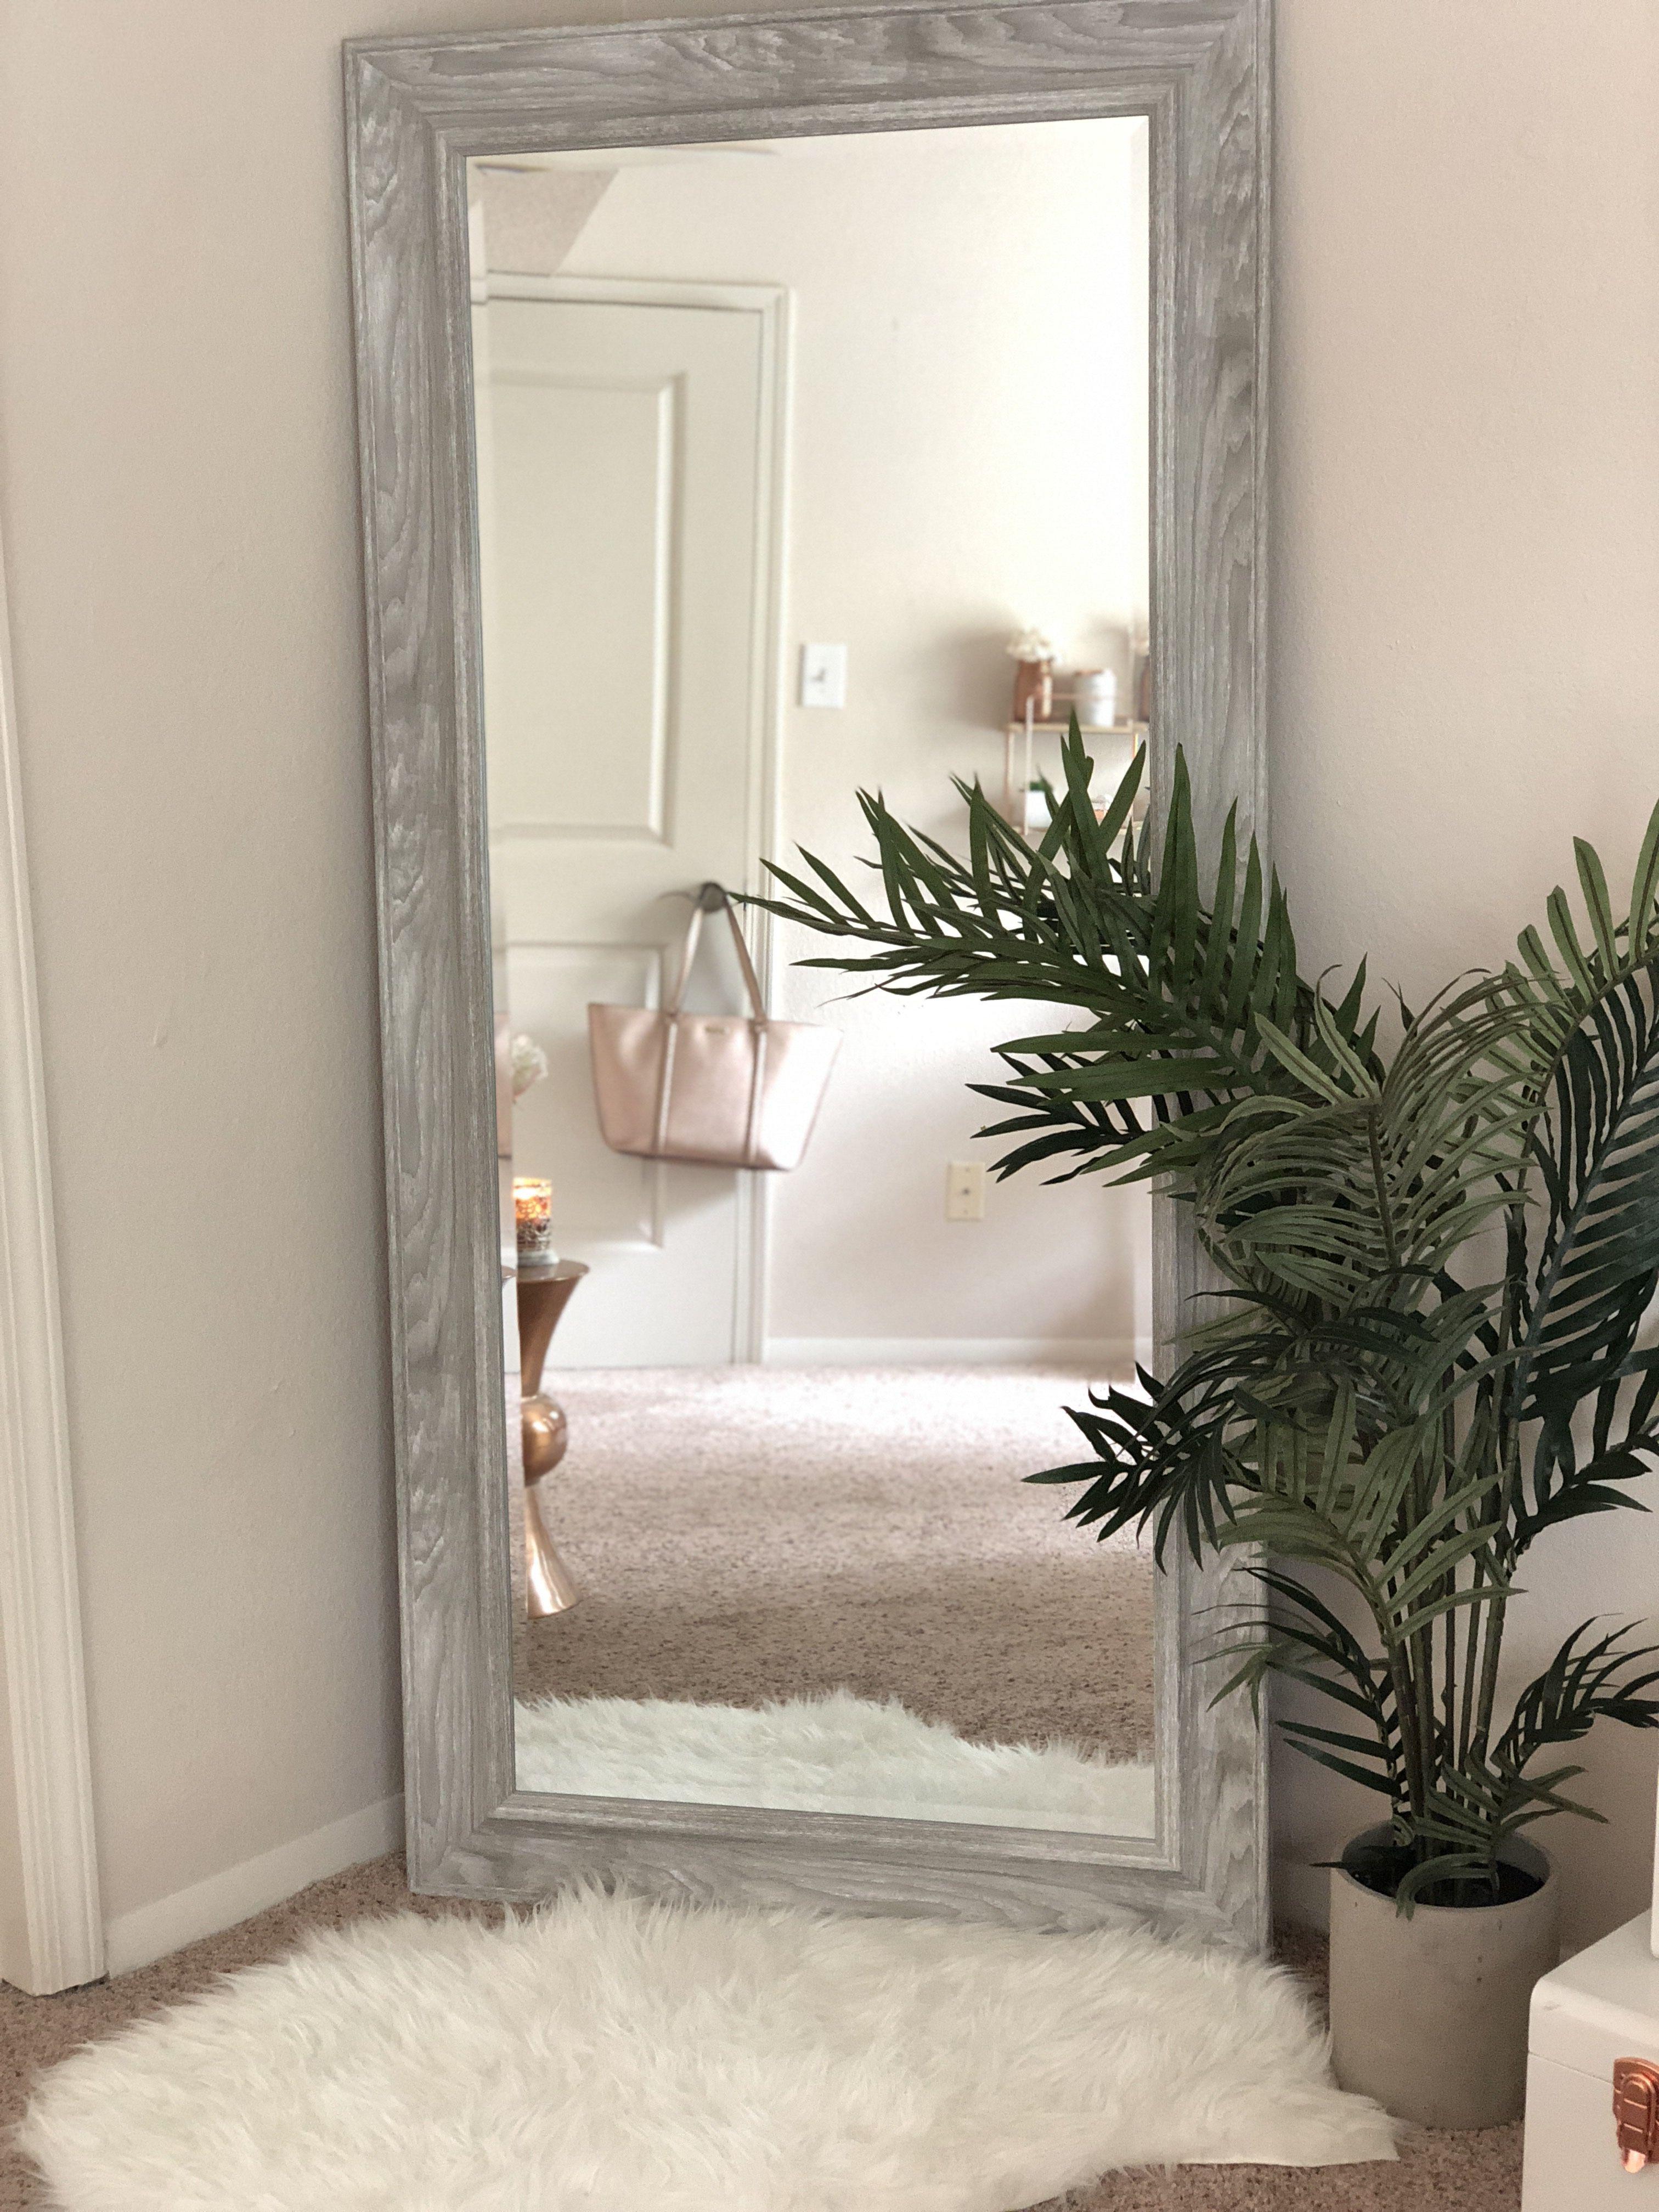 Grey Mirror Wall Mirror Decor Living Room Mirror Wall Bedroom